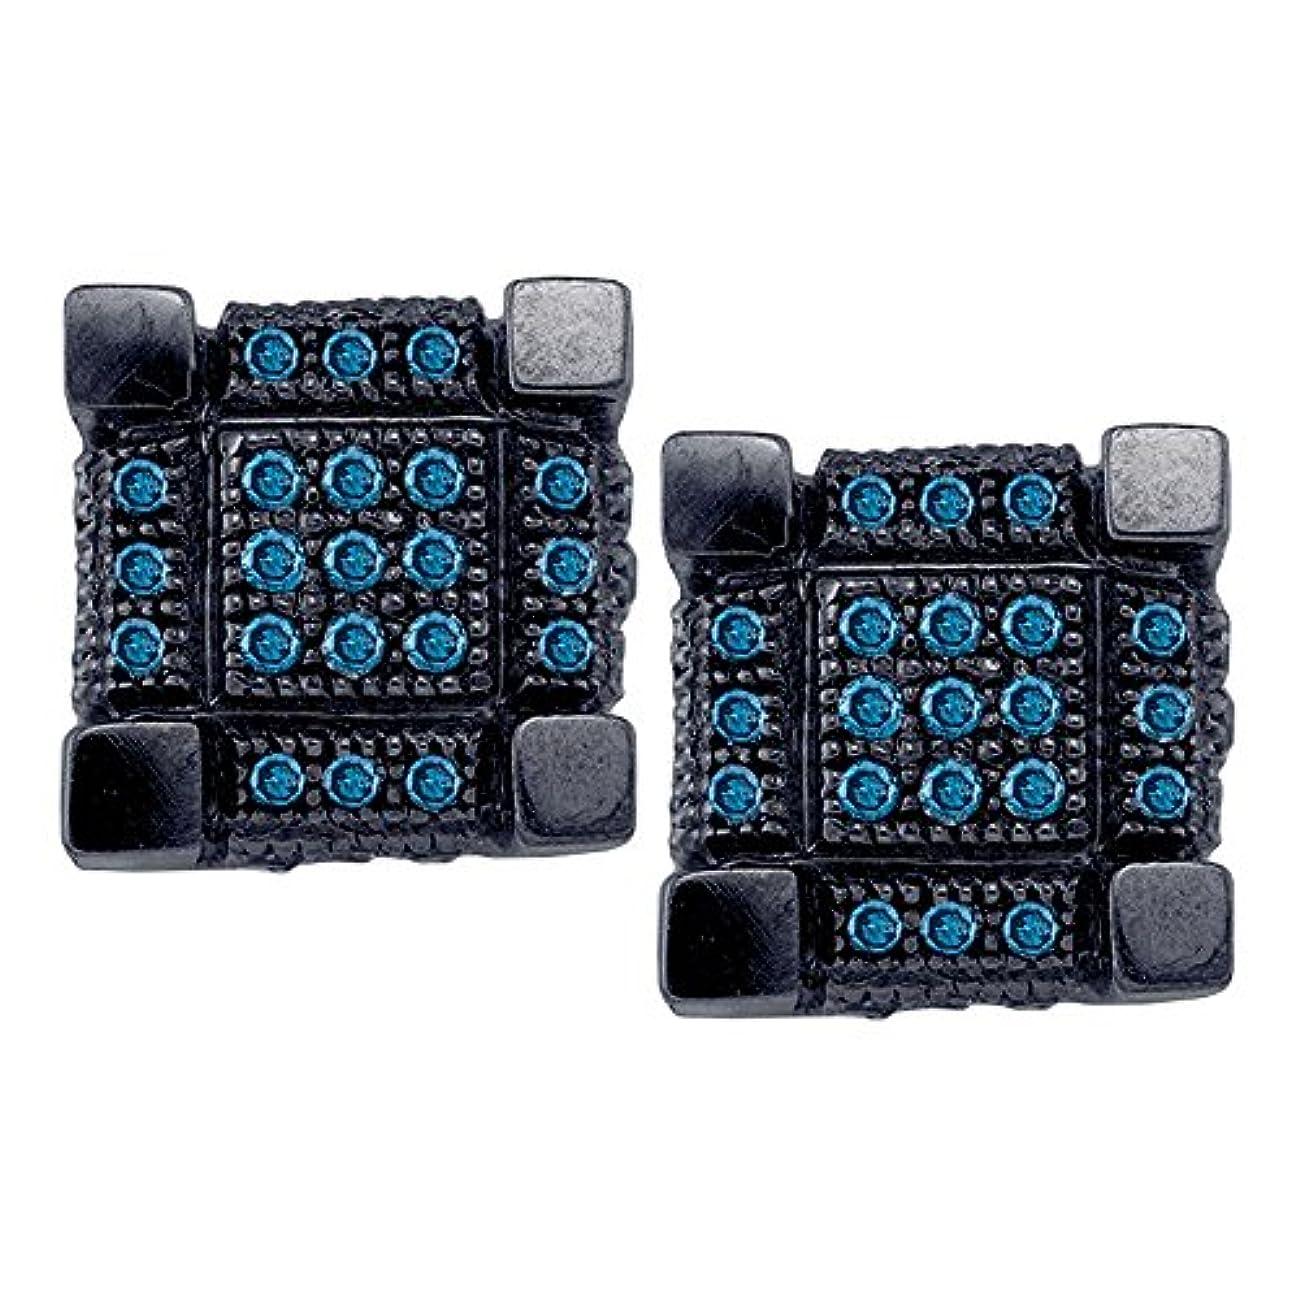 タービン施し喪10kt ホワイトブラックトーンゴールド メンズ ラウンドブルーカラー 強化ダイヤモンド 3D キューブ スクエア クラスターピアス 1/3カラット